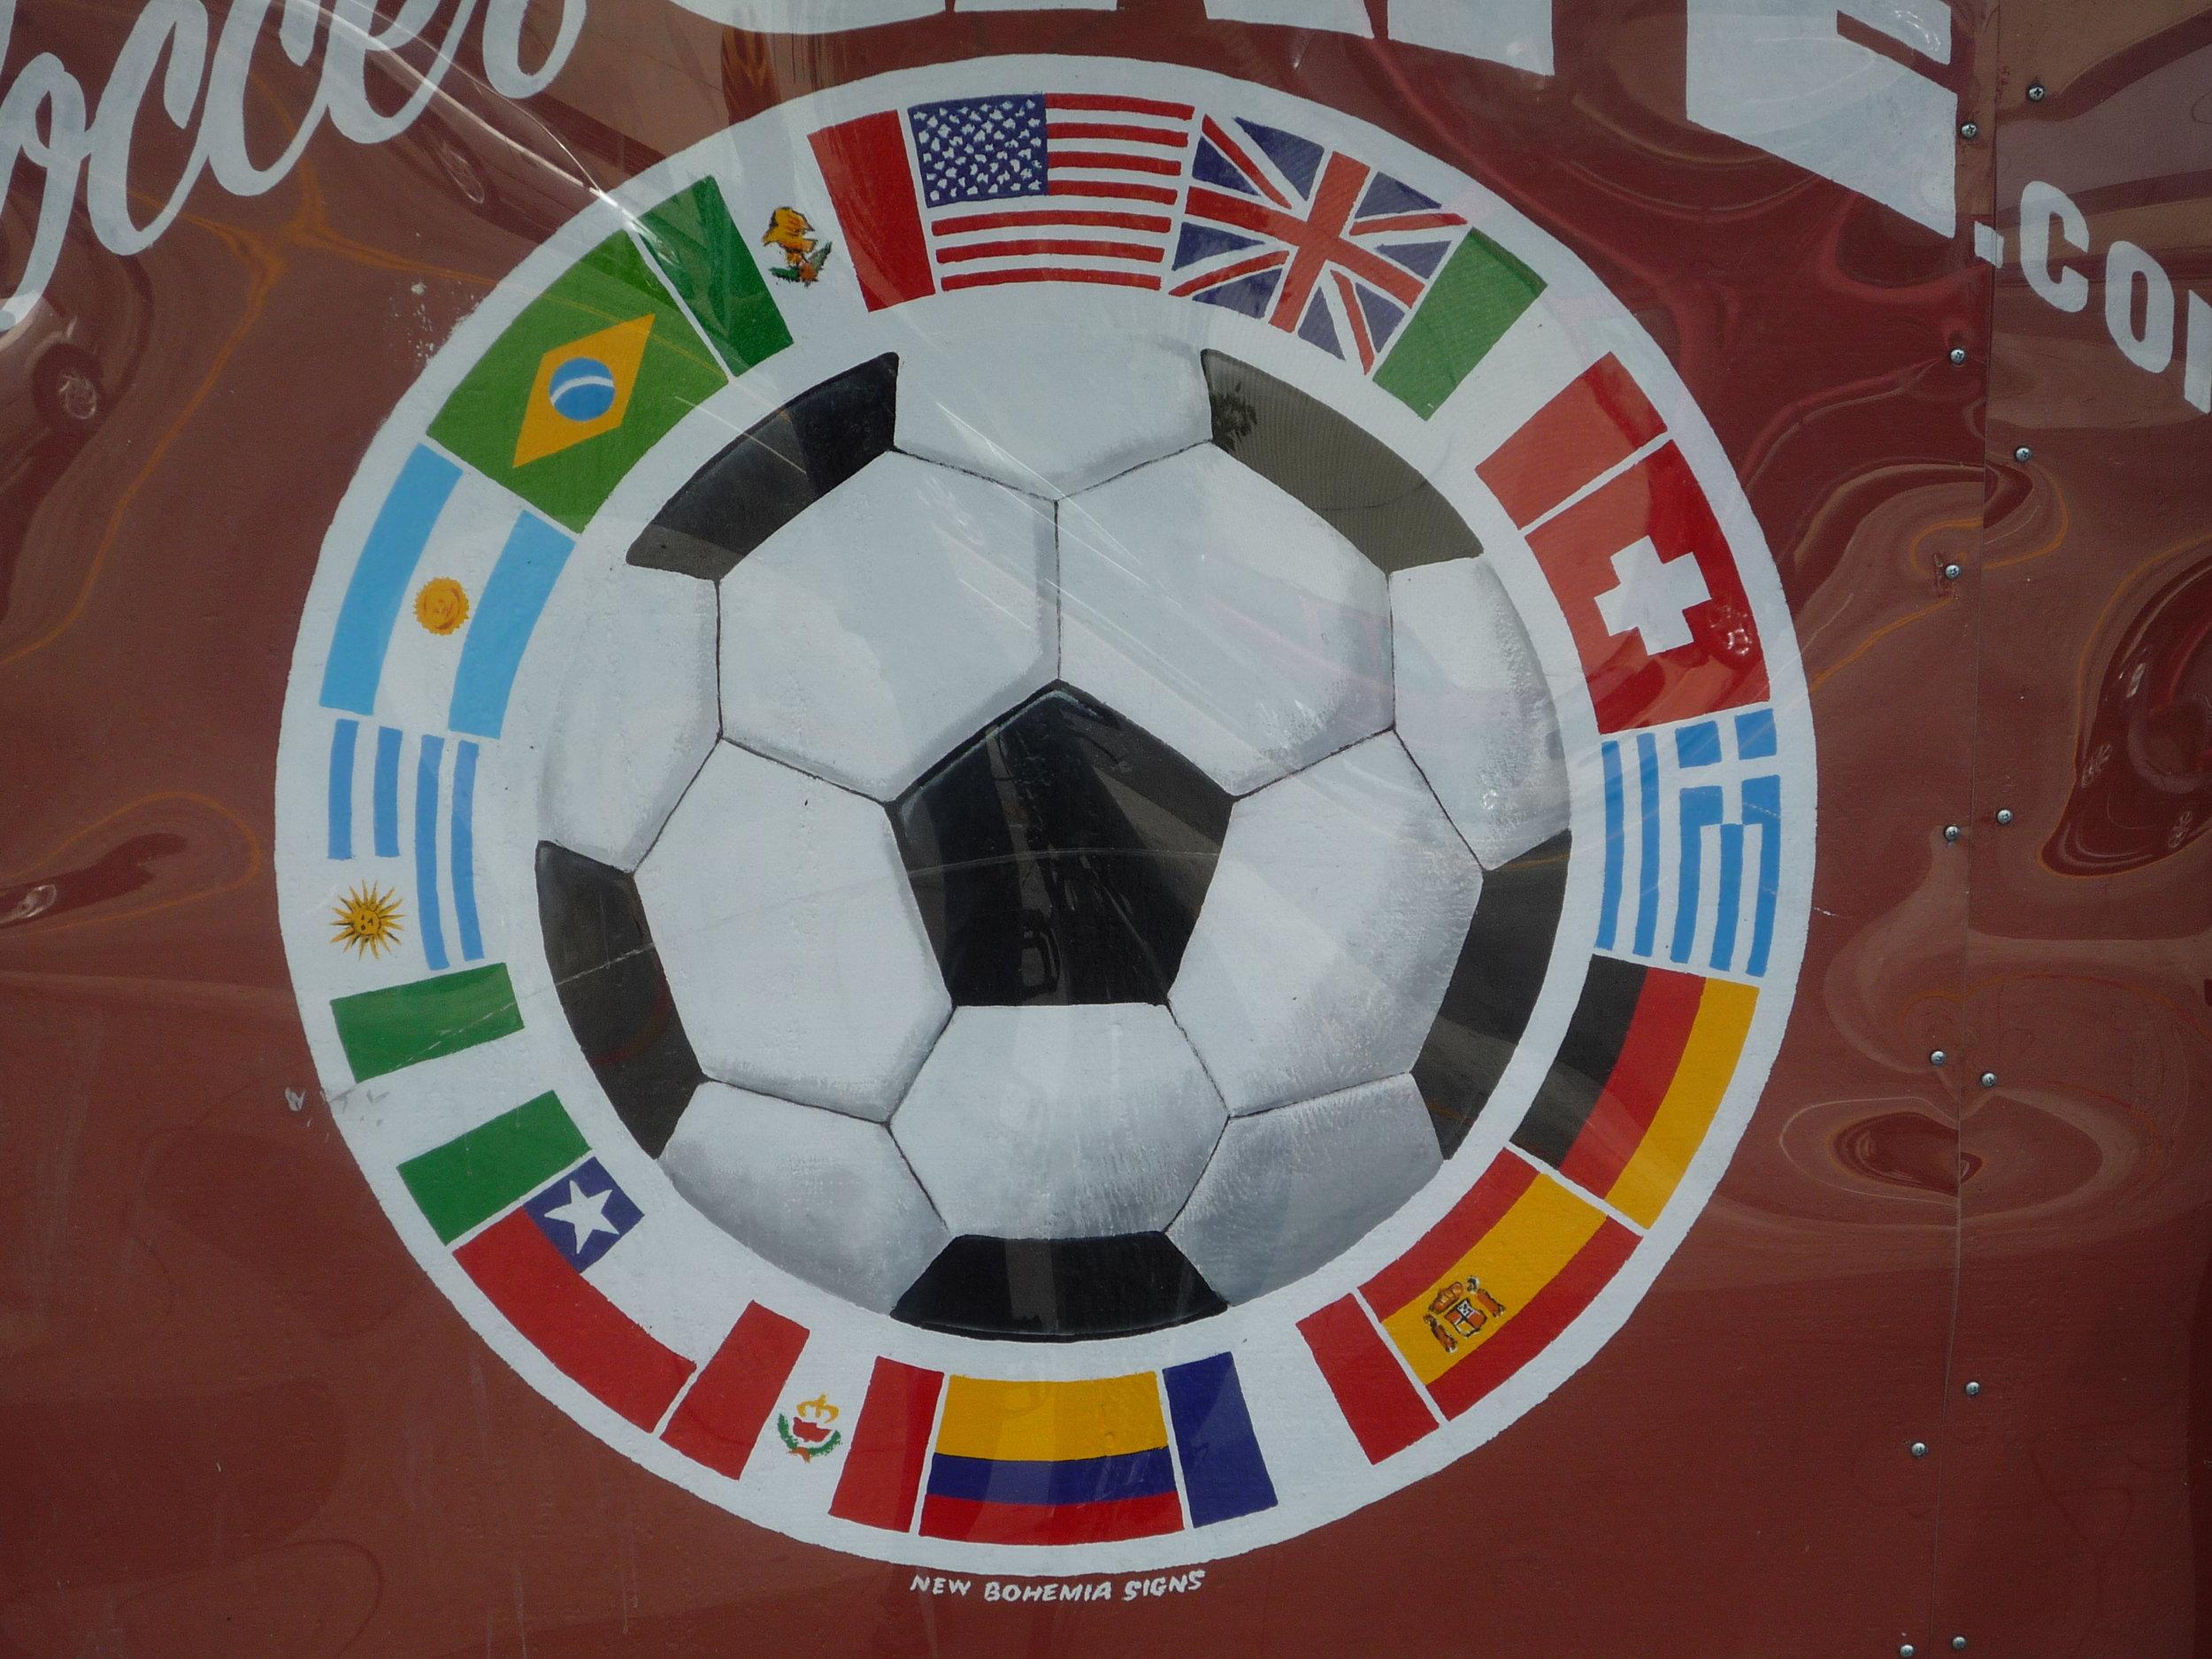 ORIG-soccer-cafe-ball-and-flag-detail_4306537635_o.jpg